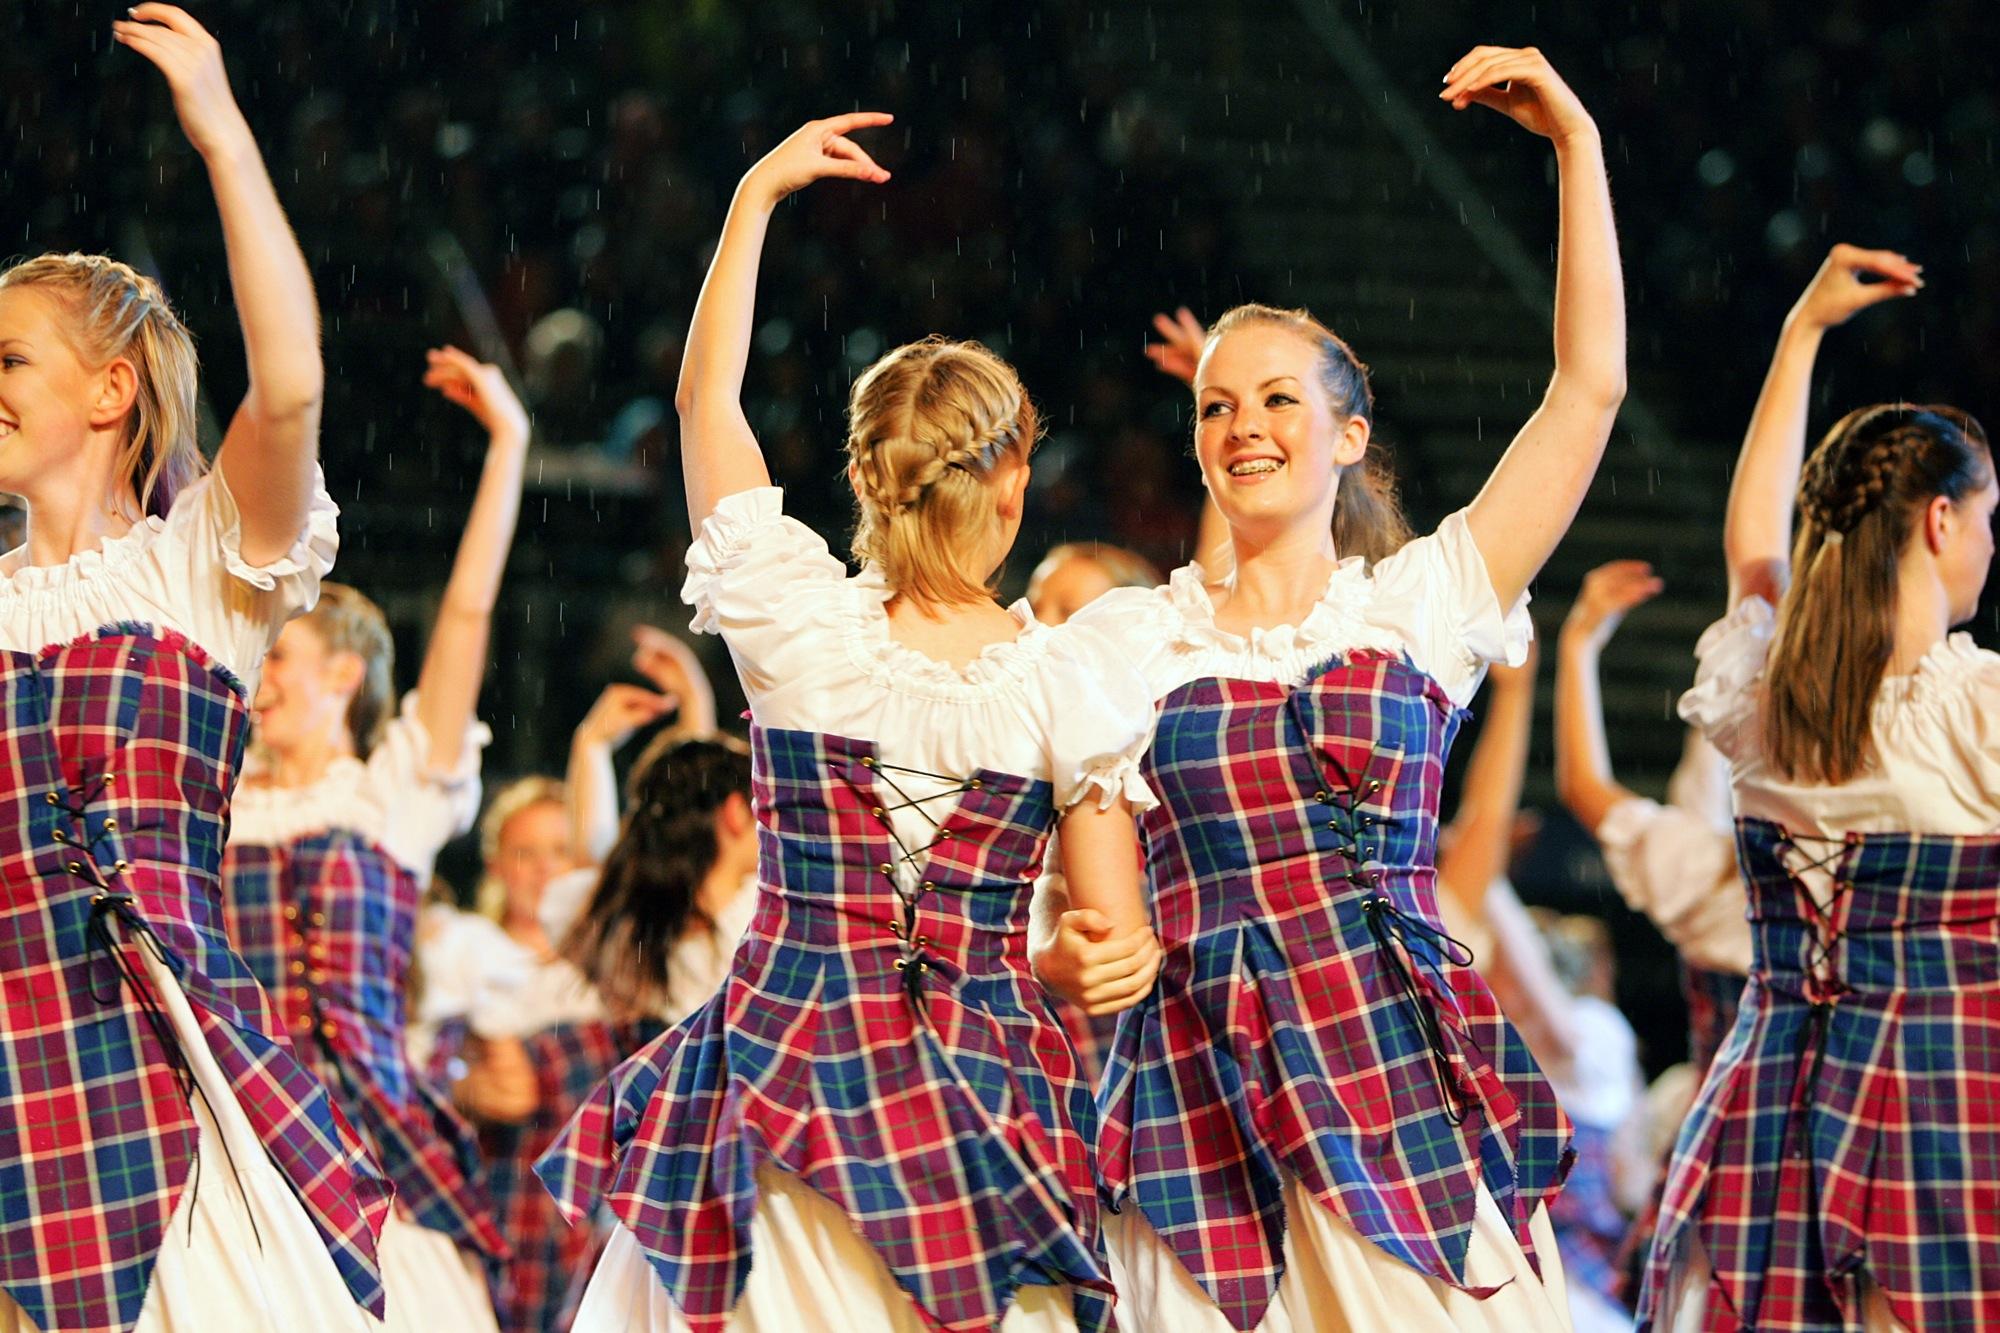 Edinburgh_Festivals_'08_005_original.jpg